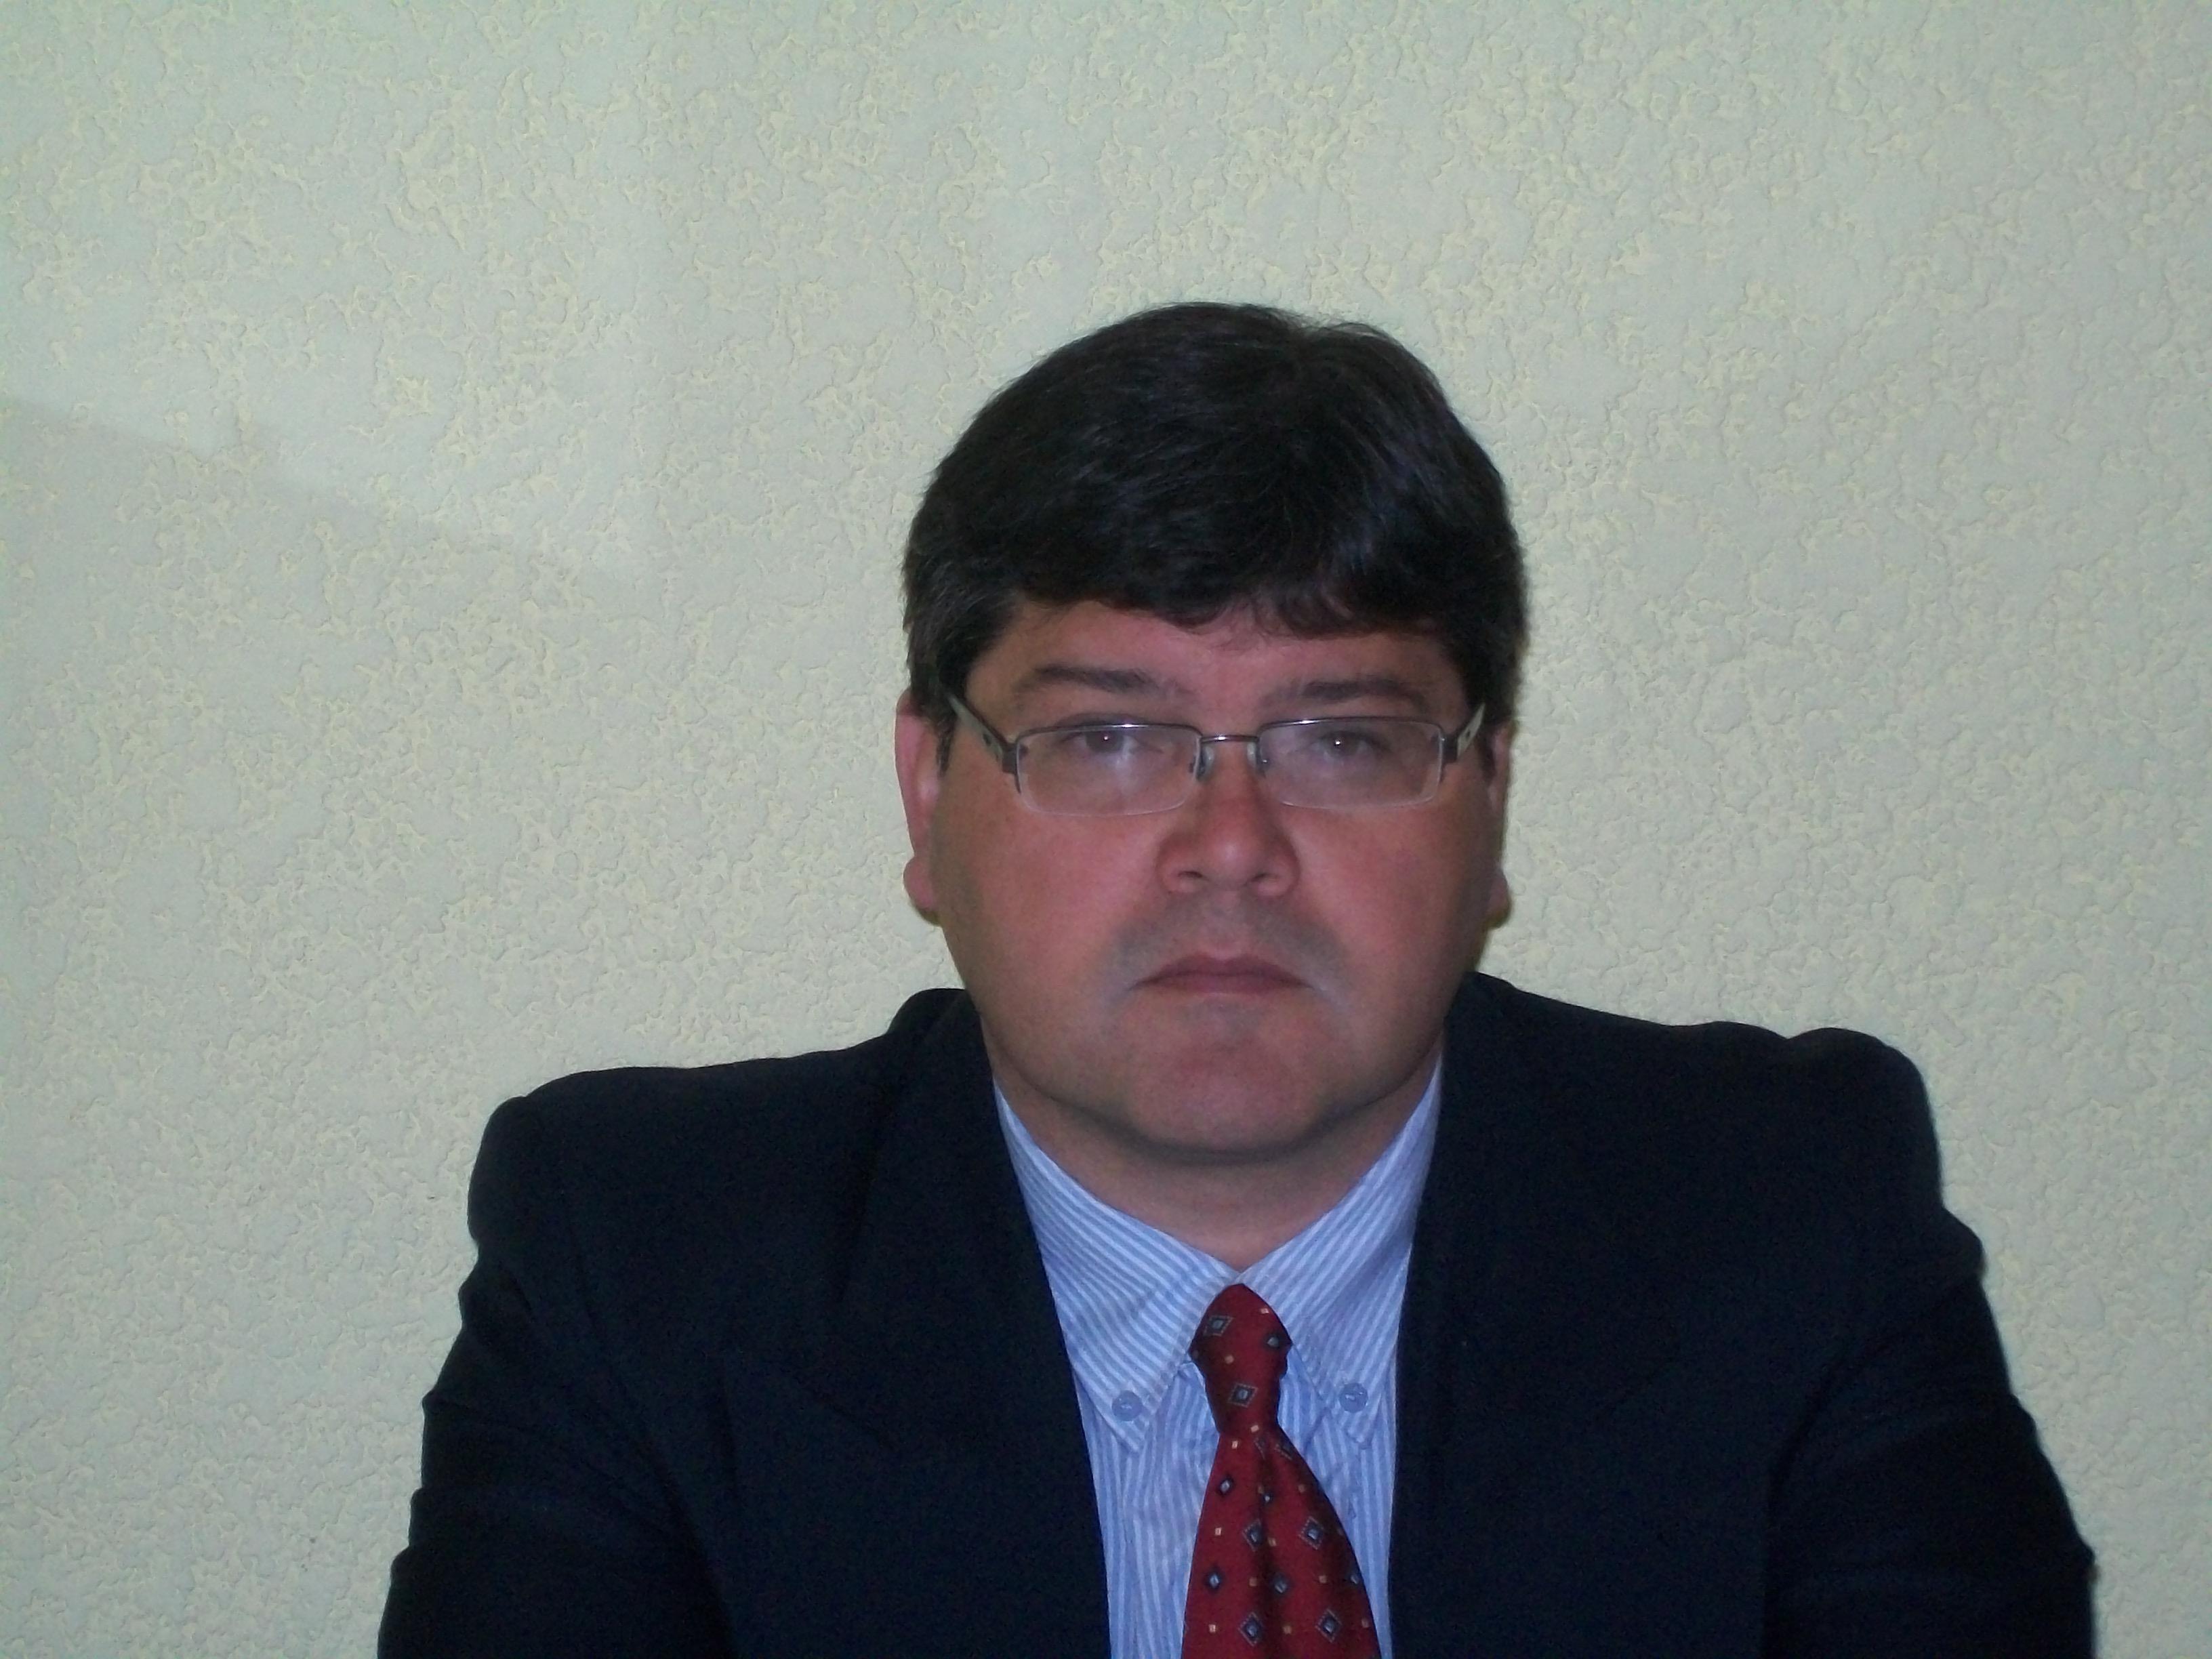 Russky Bentos Pereira